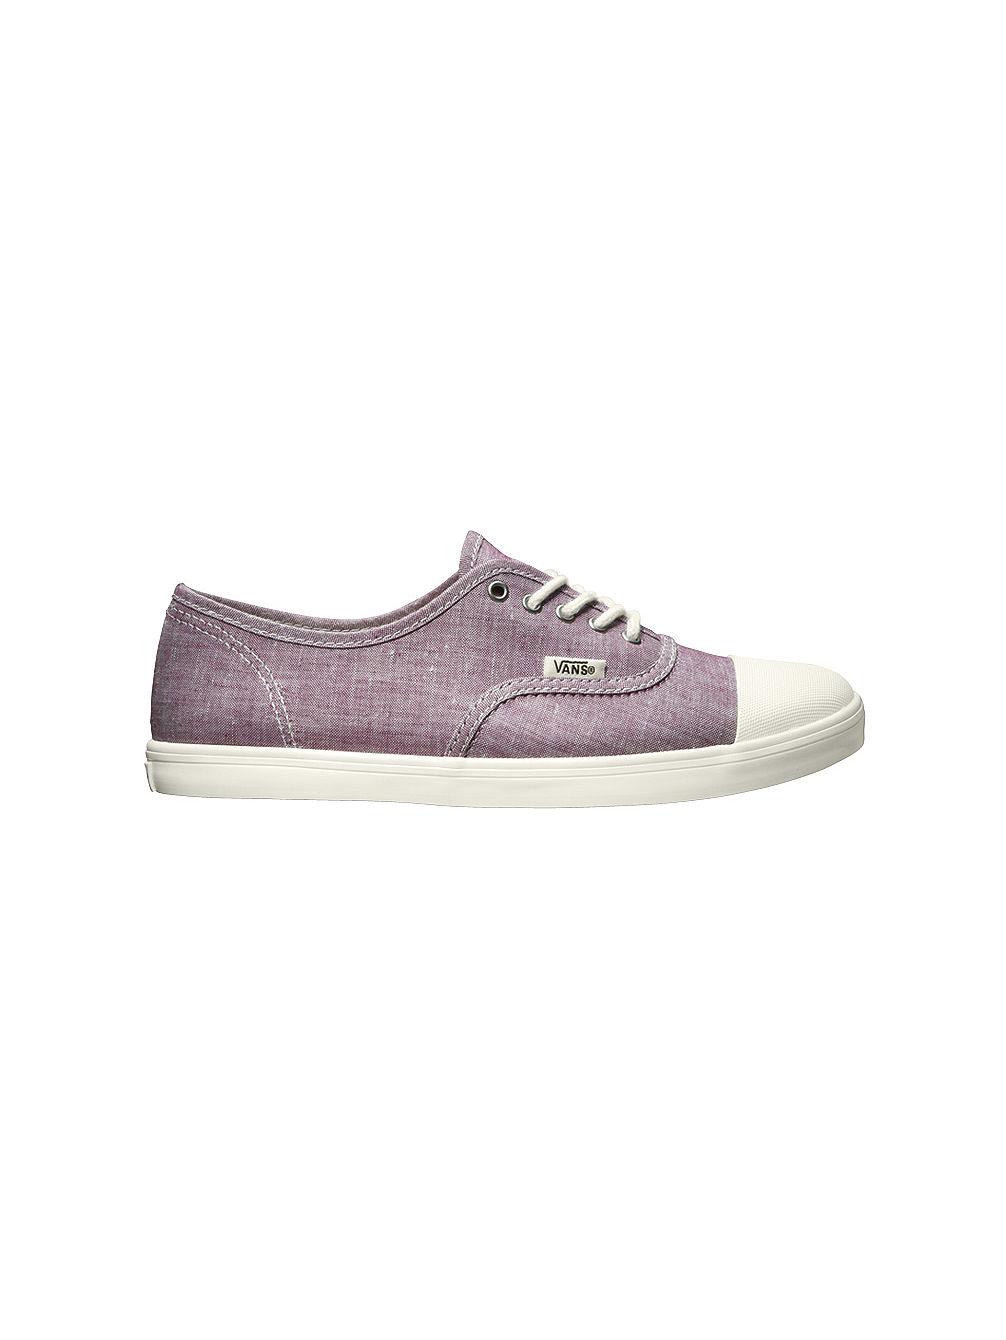 26d39df2111c27 Buy Vans Authentic Lo Pro TC Sneakers Women online at Blue Tomato